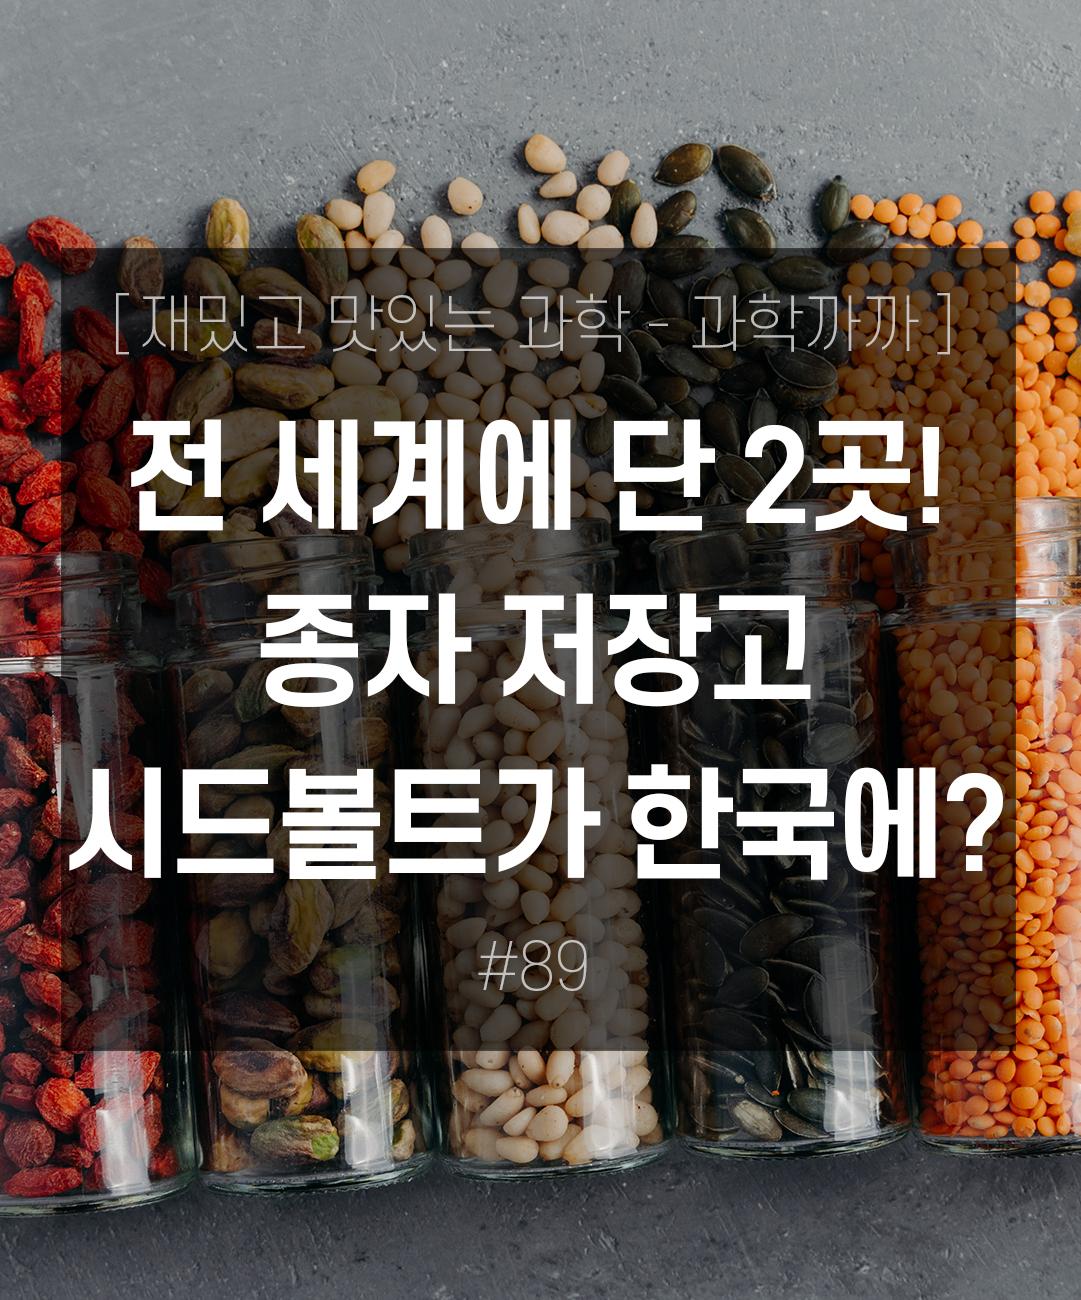 전 세계에 단 2곳! 종자 저장고 시드볼트가 한국에 있다 이미지